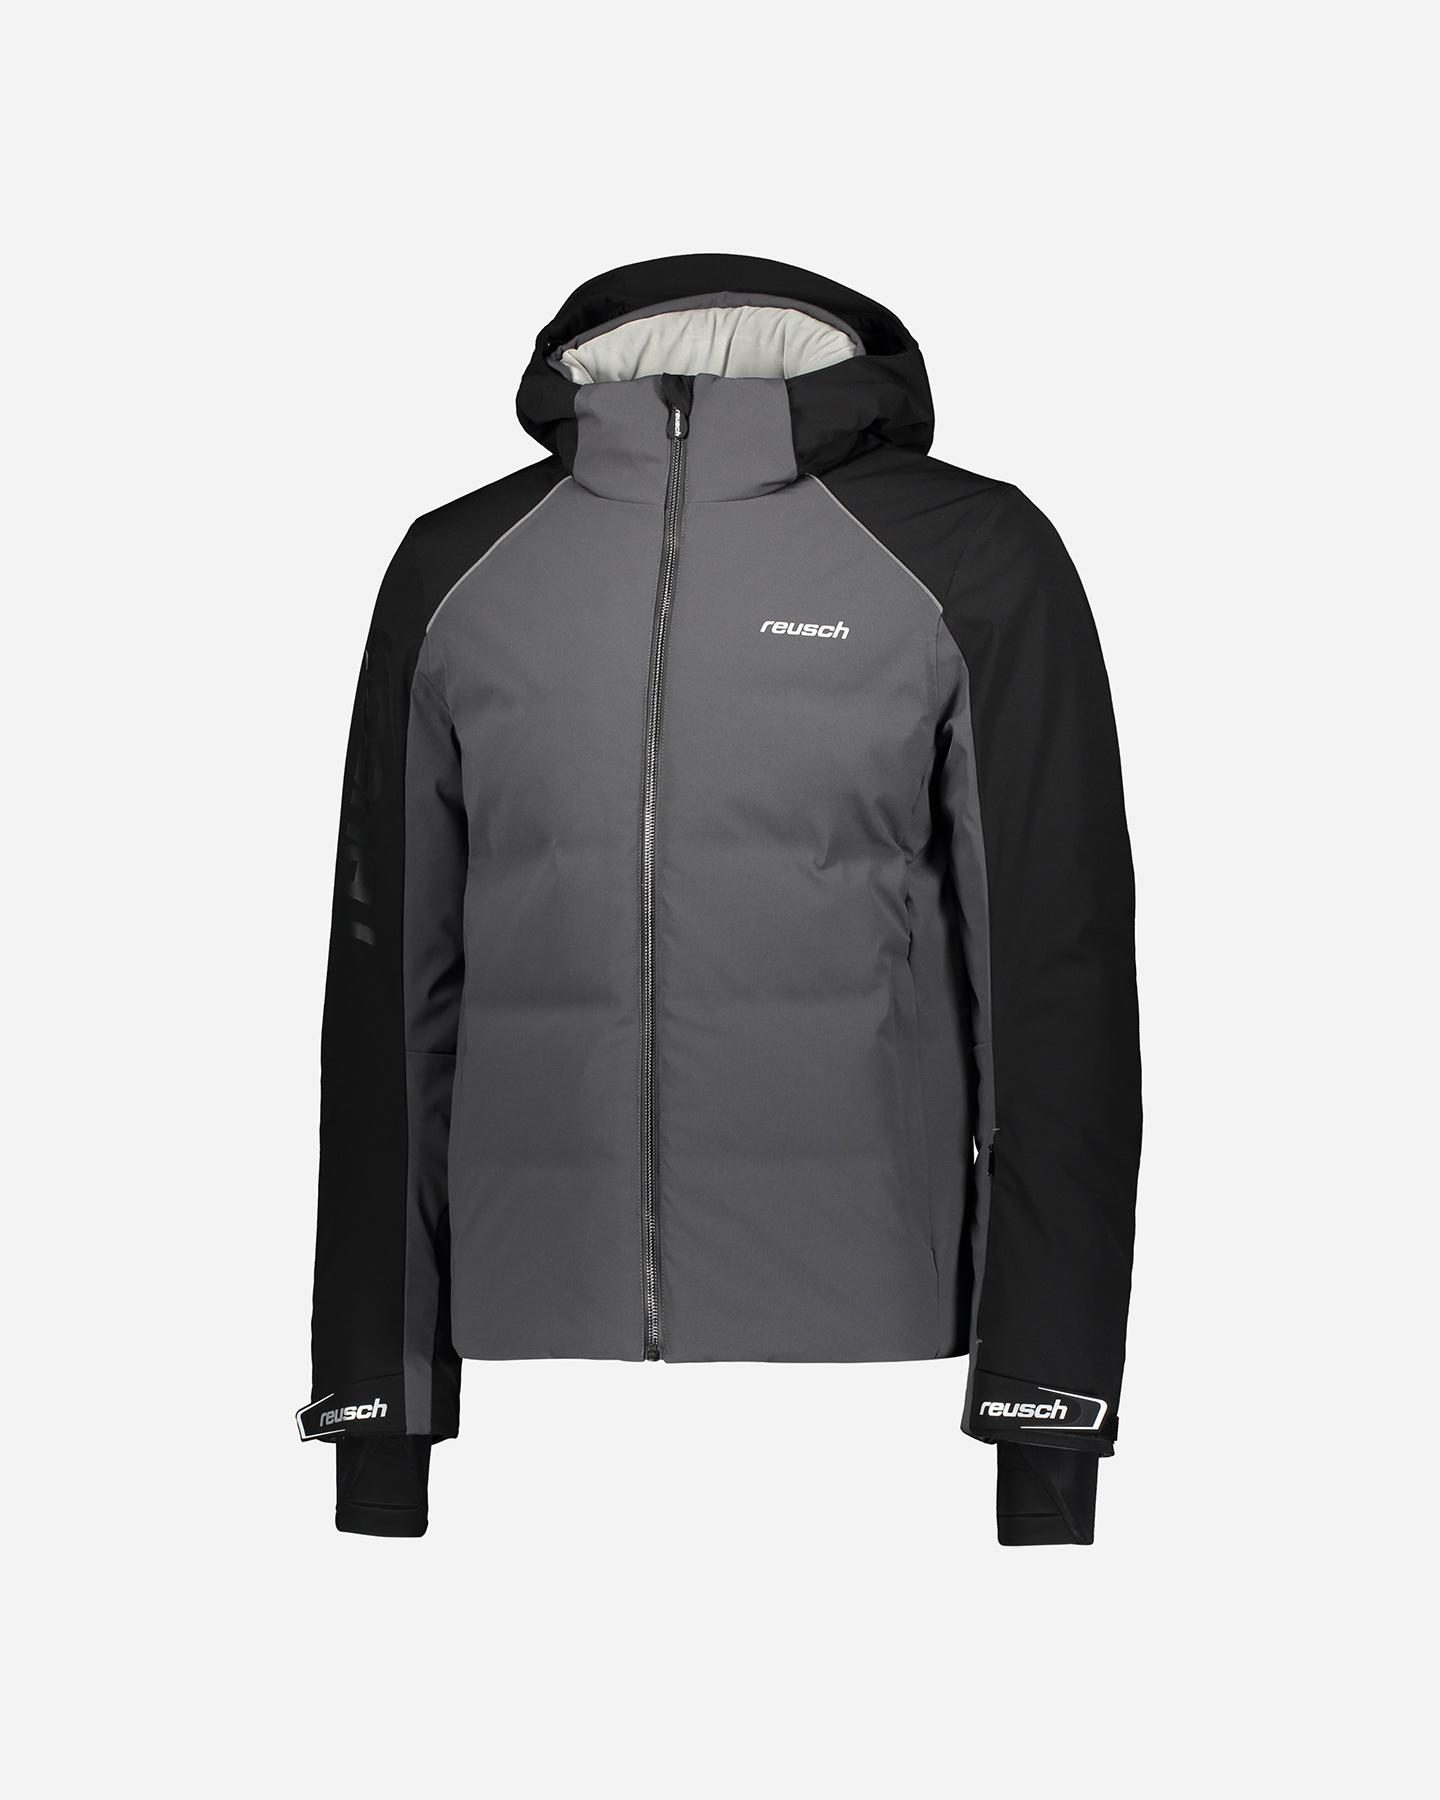 giacca sci uomo slope salomon carattewristiche